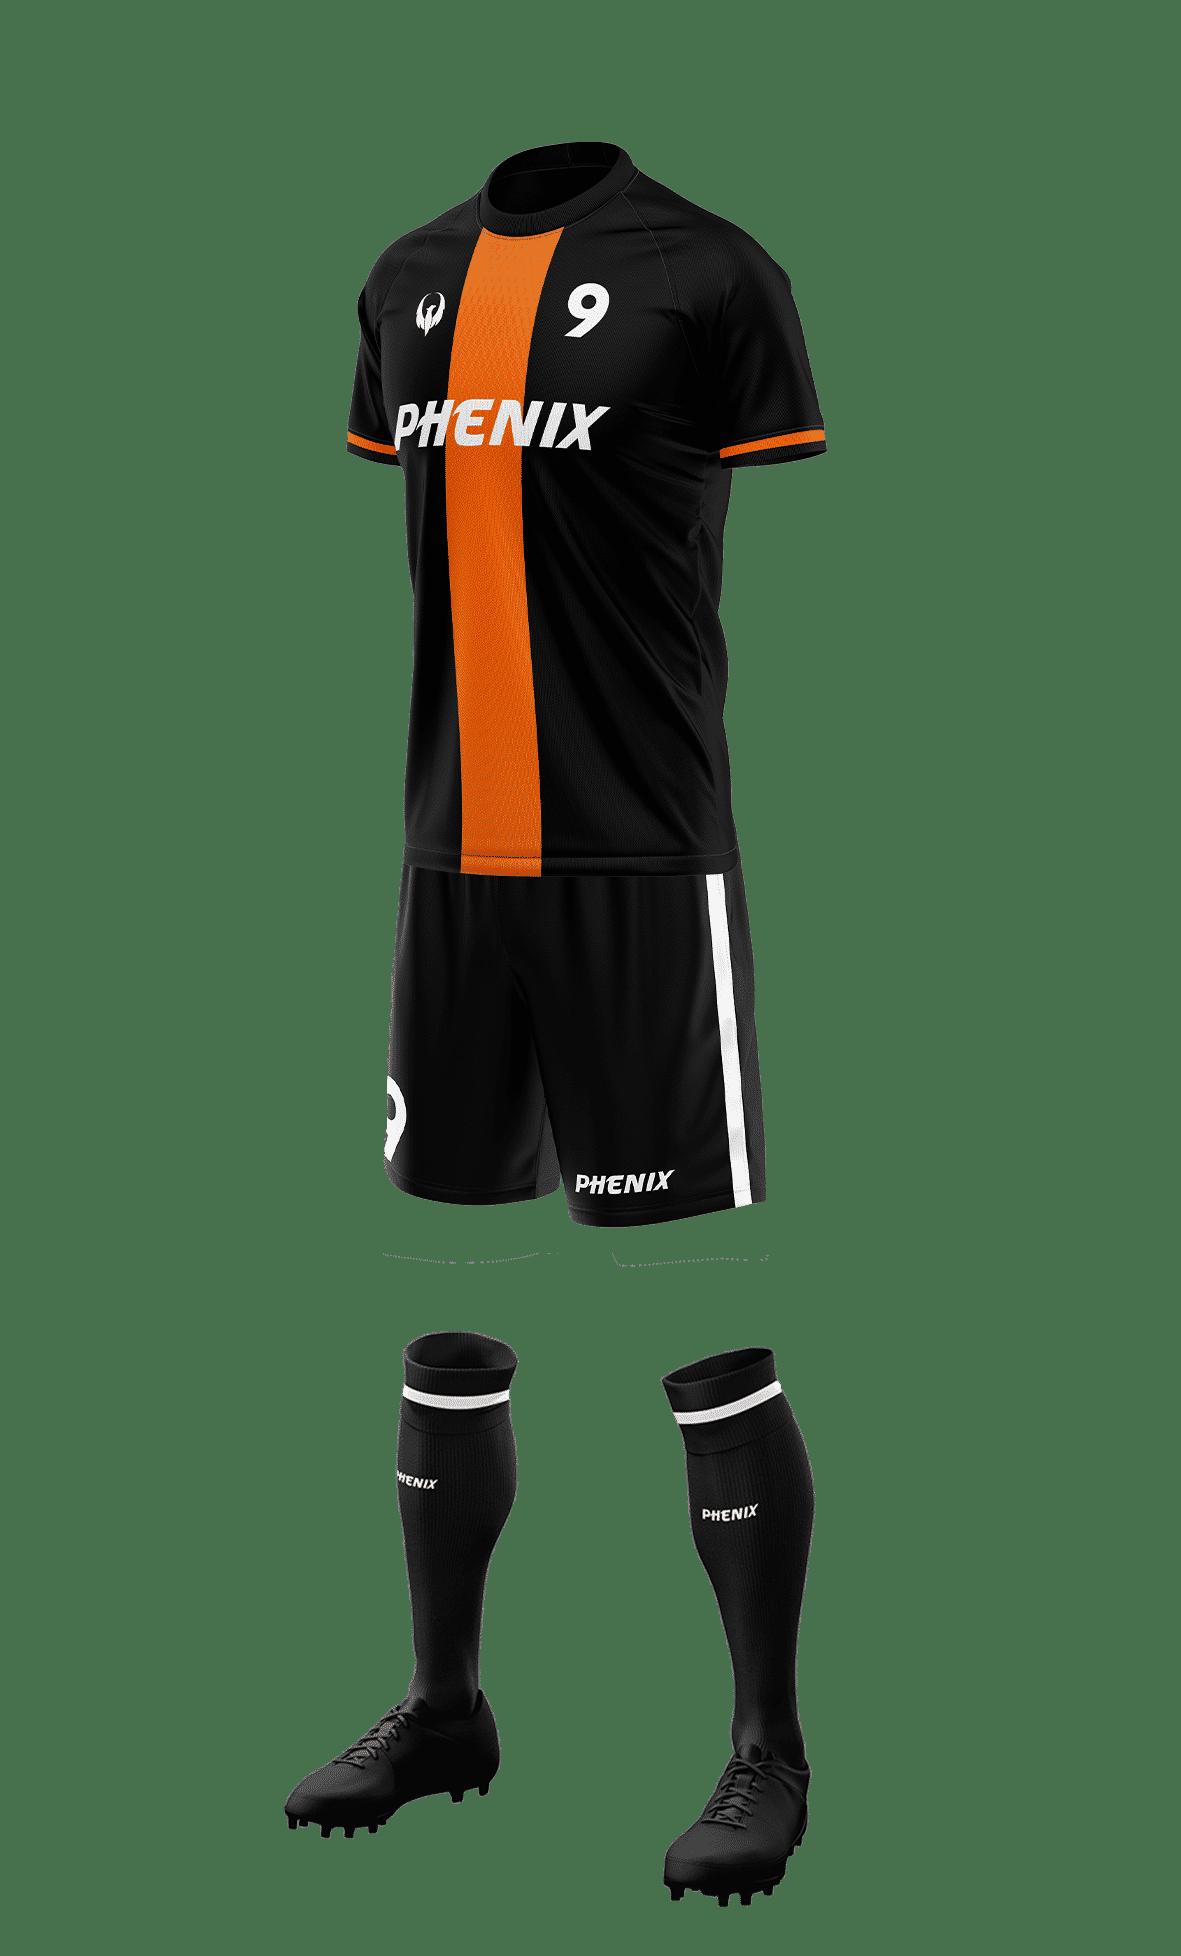 maillot-phenix-sport-club-3